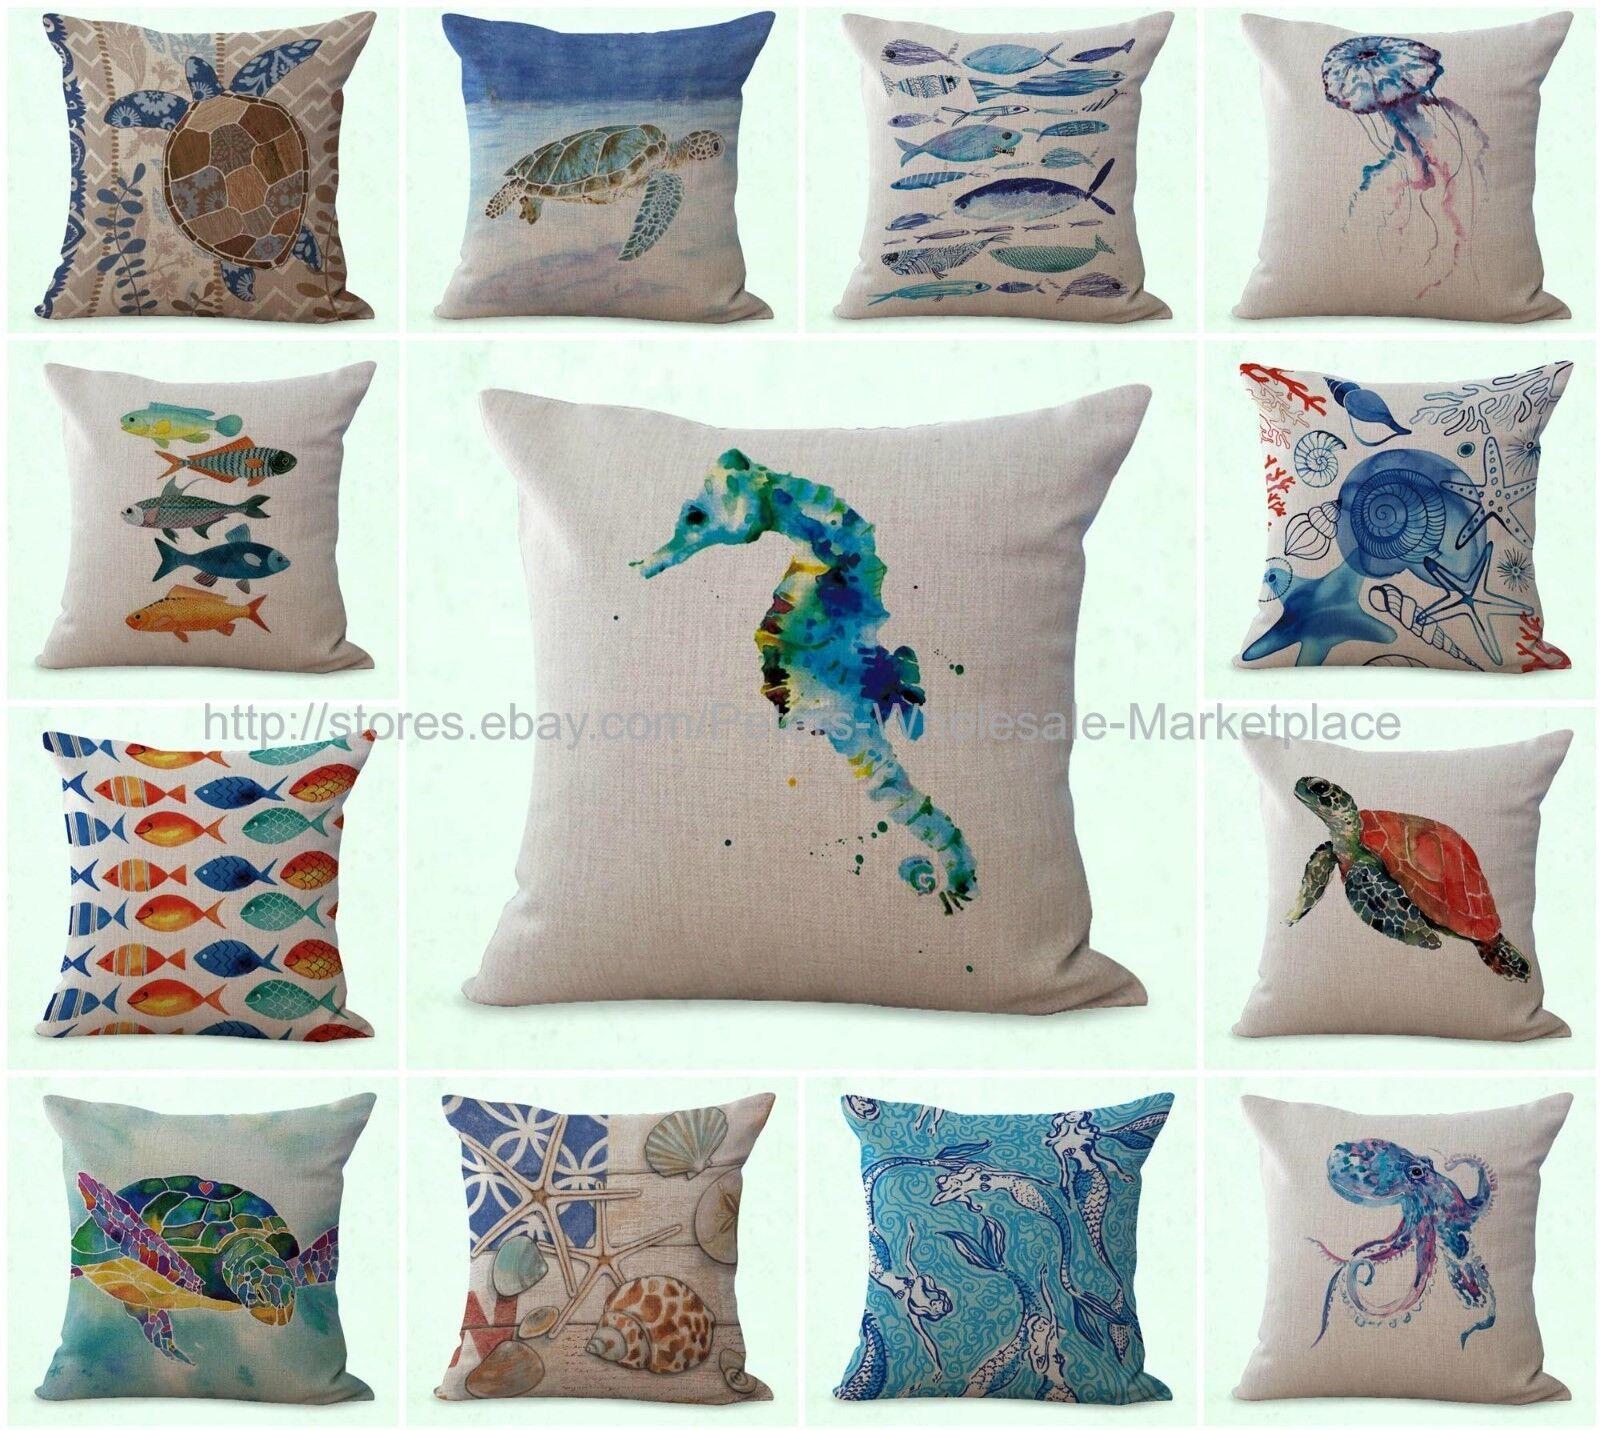 10pcs decorative pillow cover wholesale